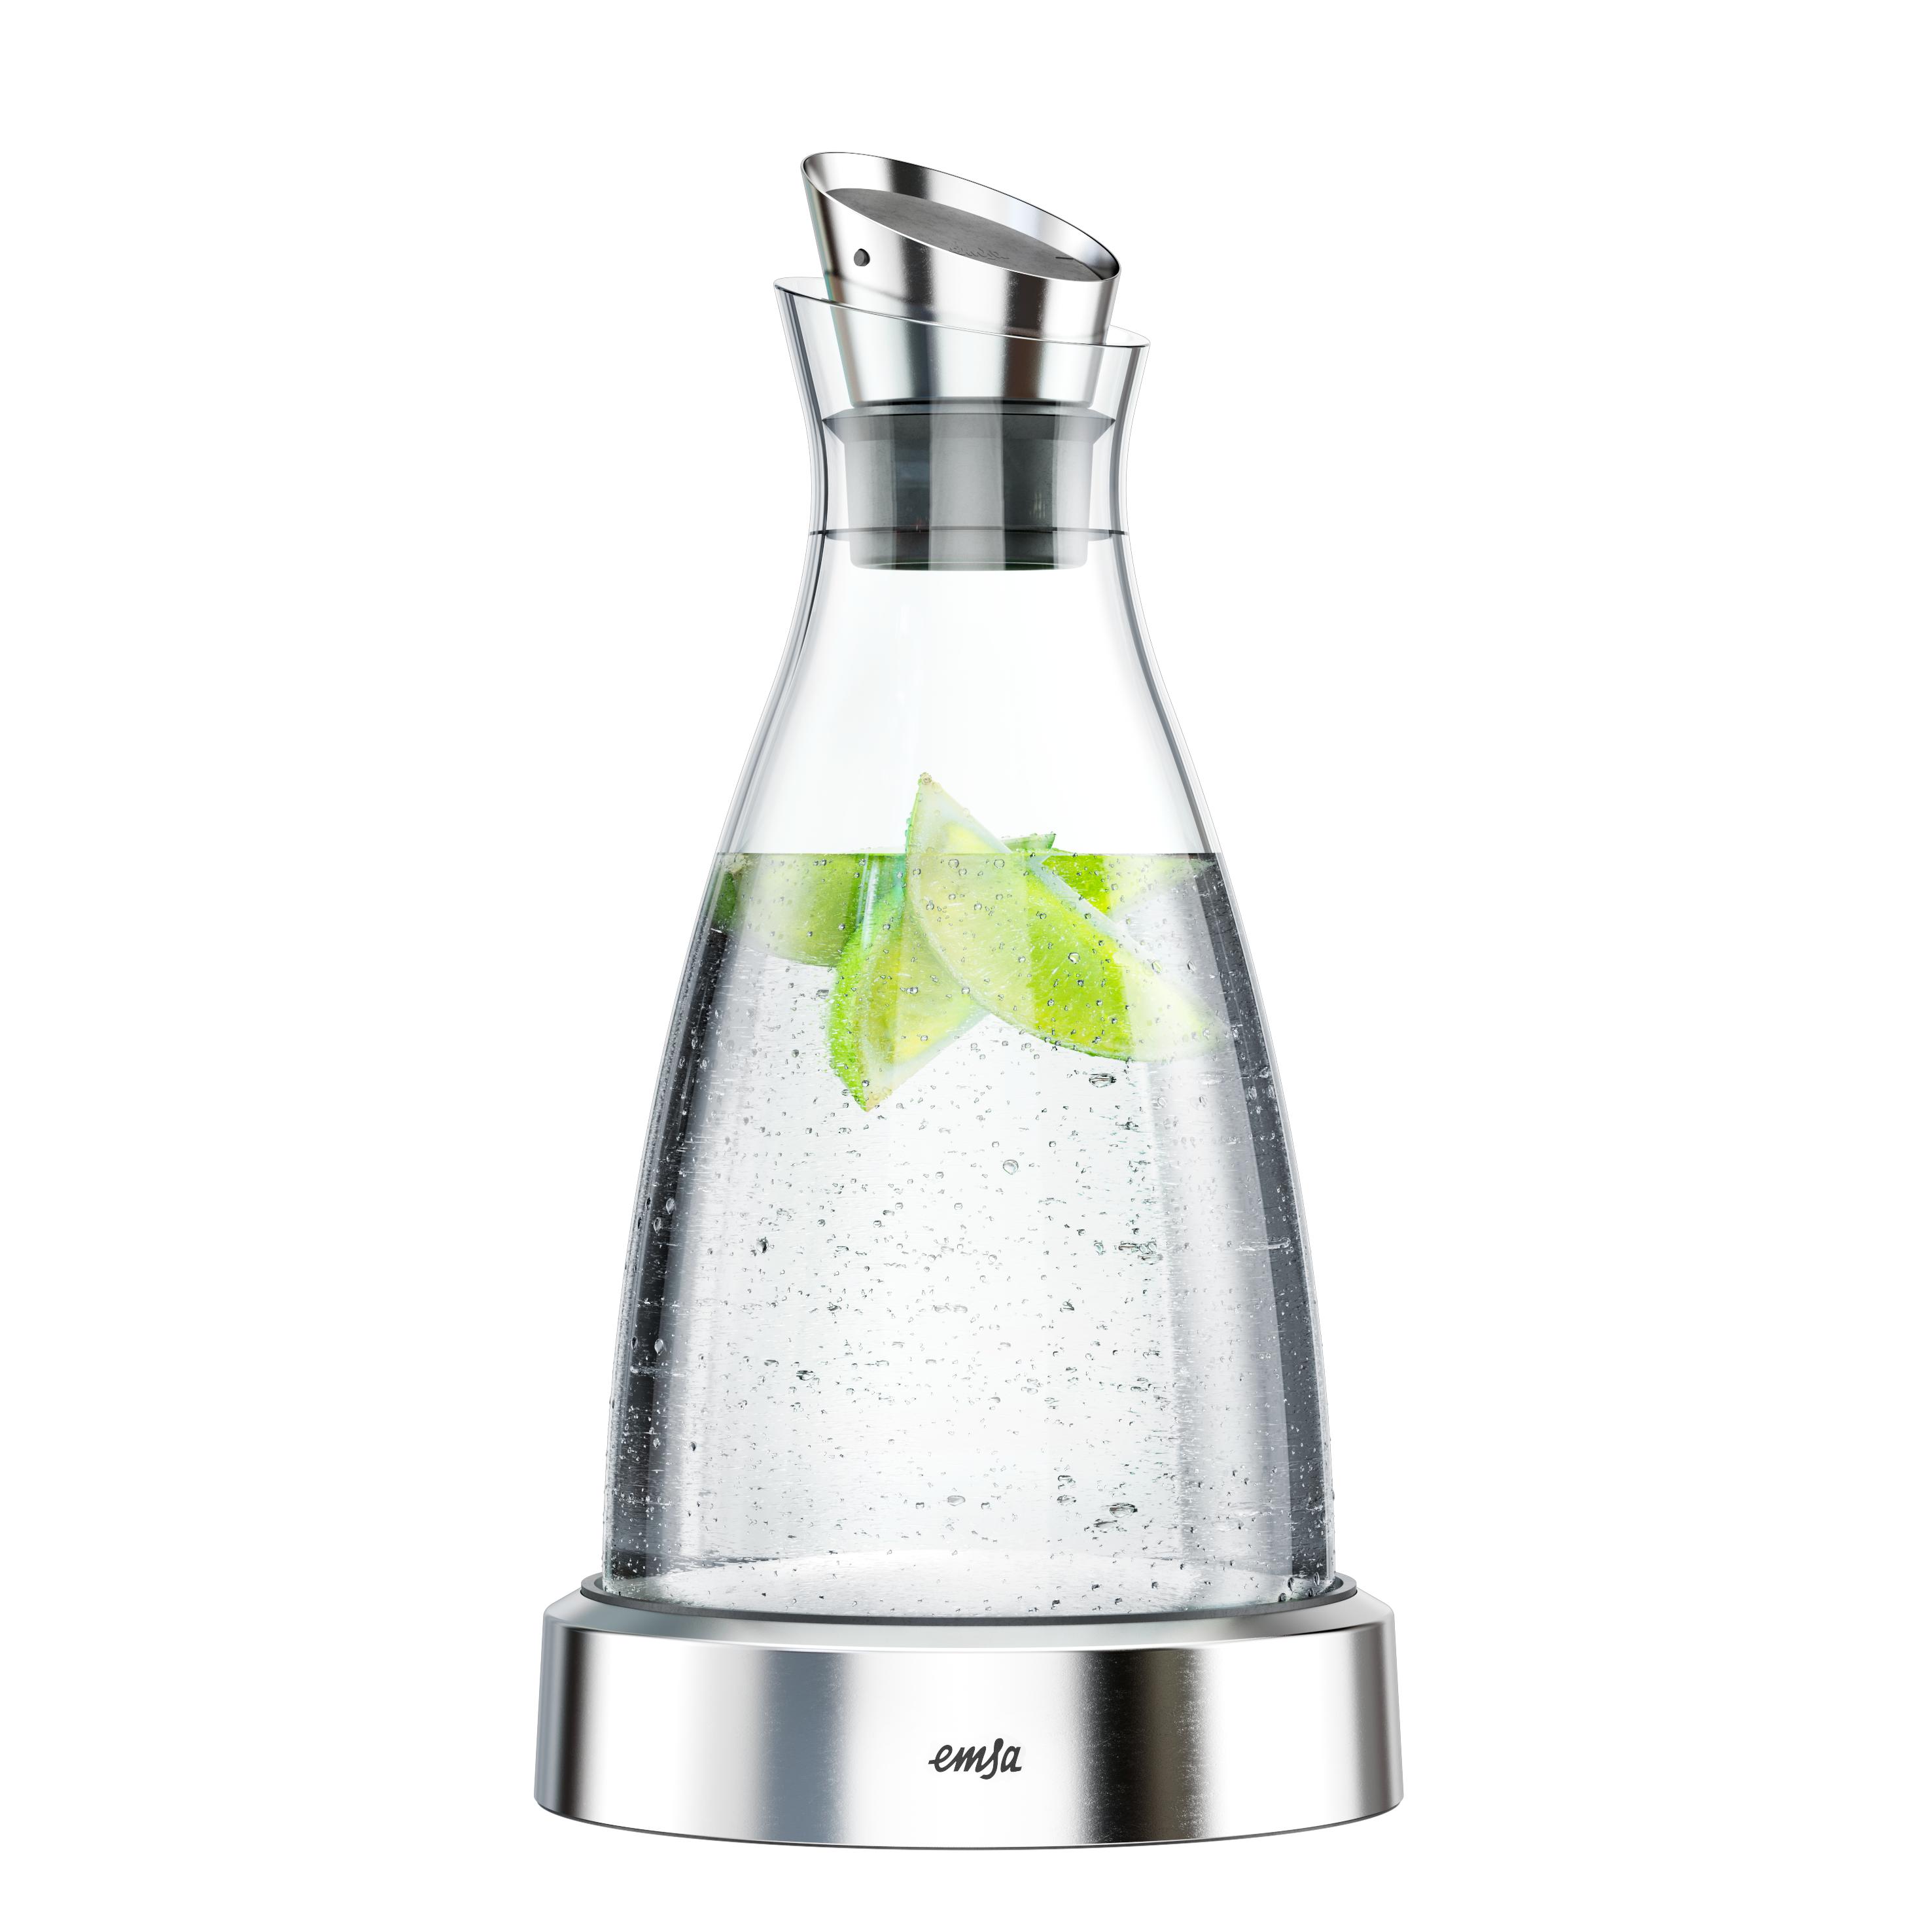 EMSA 505219 FLOW Kühlkaraffe 1,0 L aus Glas mit Edelstahl - hält 4 h kalt